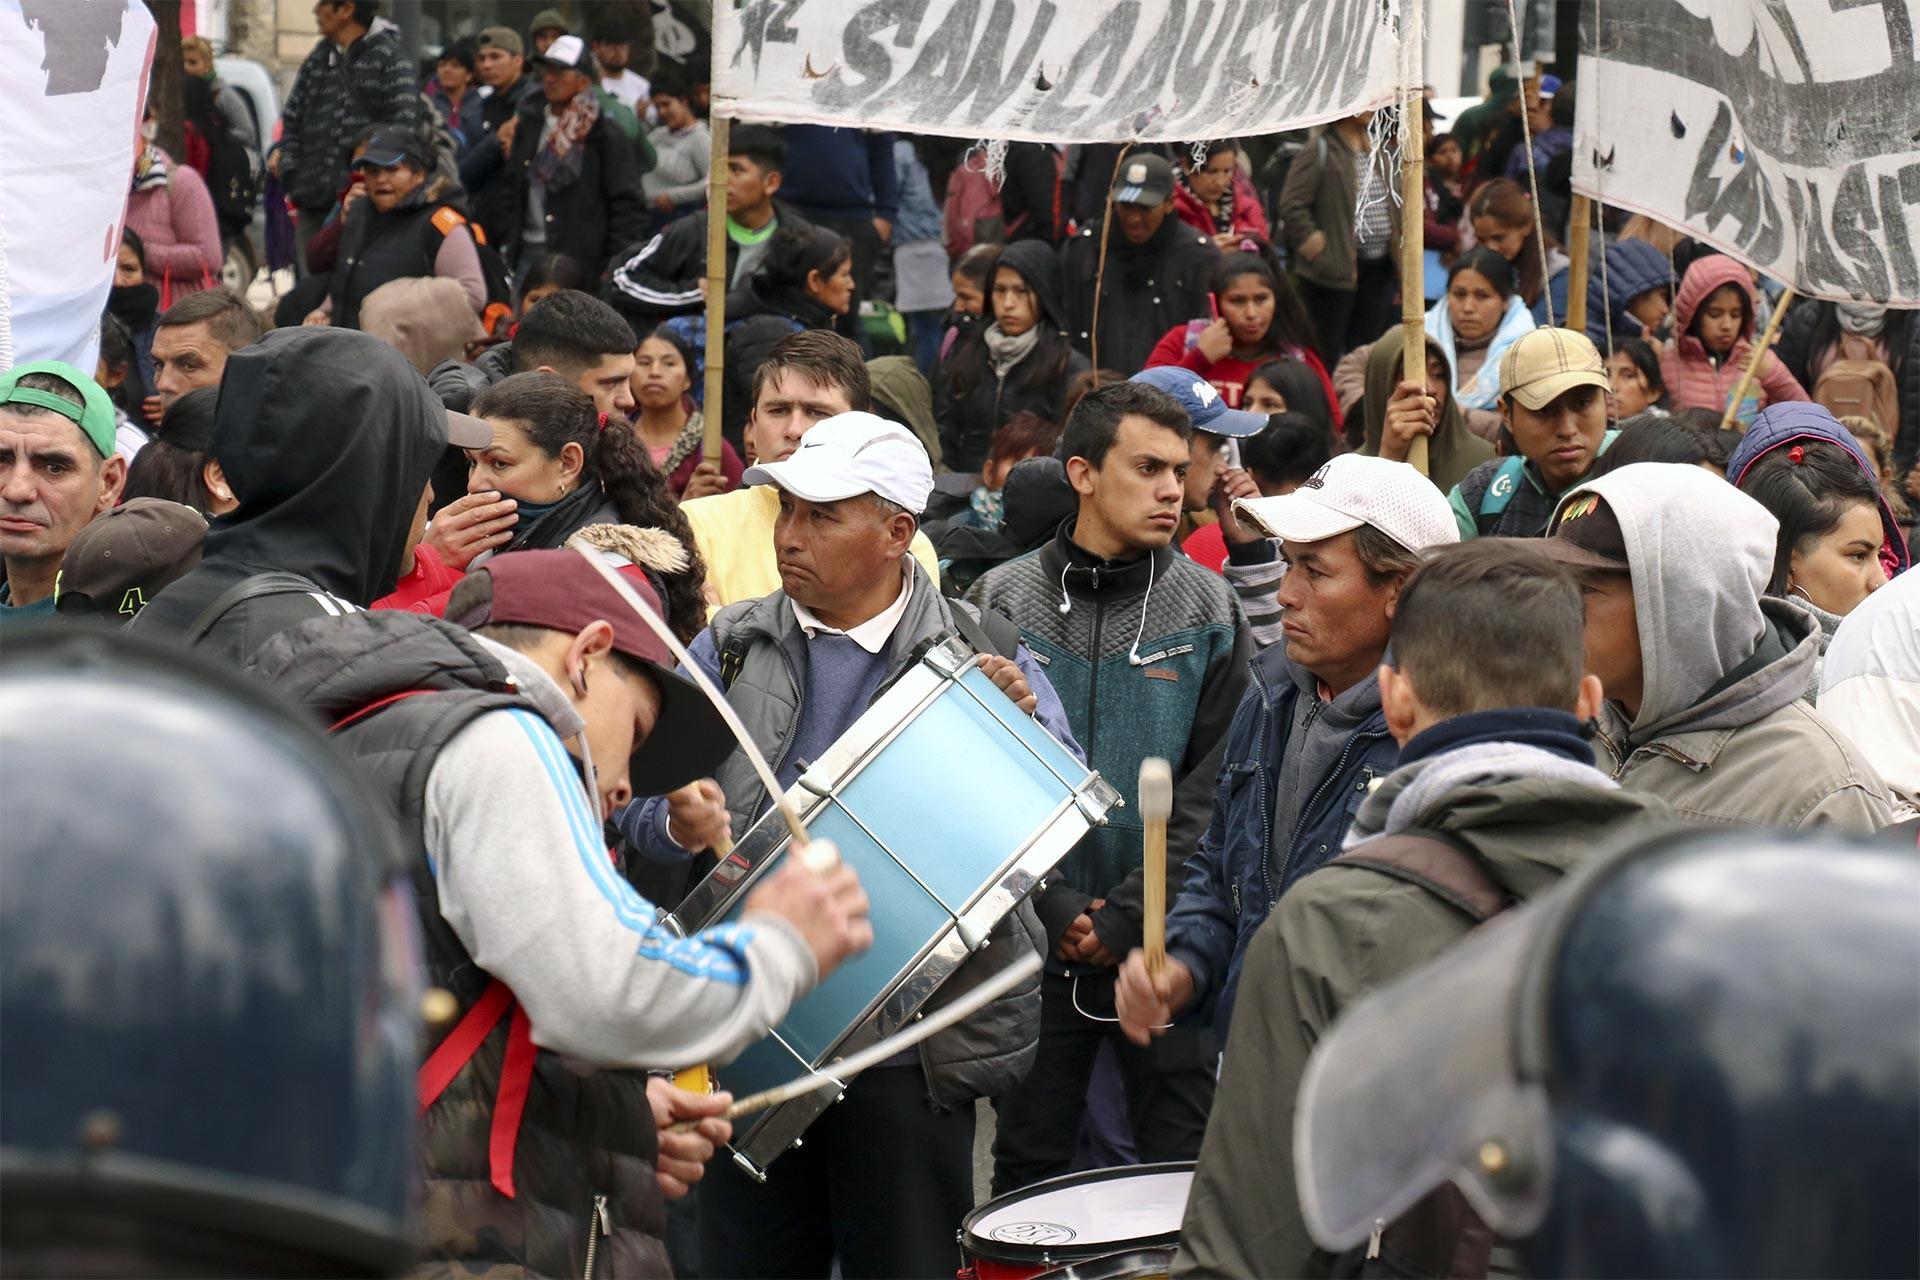 Arjantin'de kriz ve yoksulluk nedeniyle hükümete karşı protesto düzenlendi.